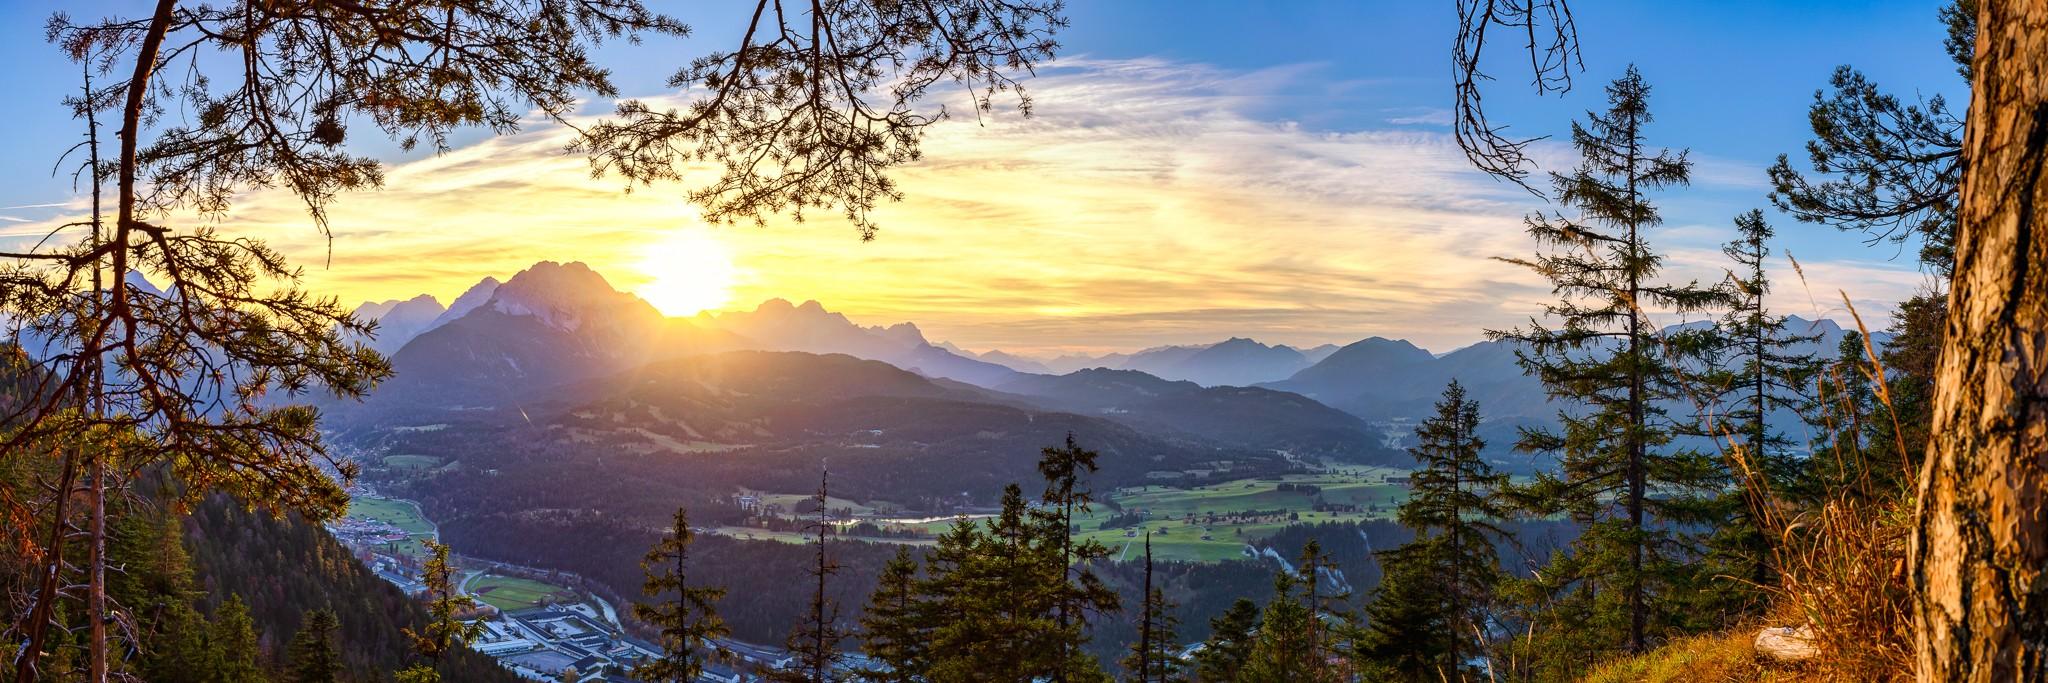 Mittenwald und Wettersteingebirge